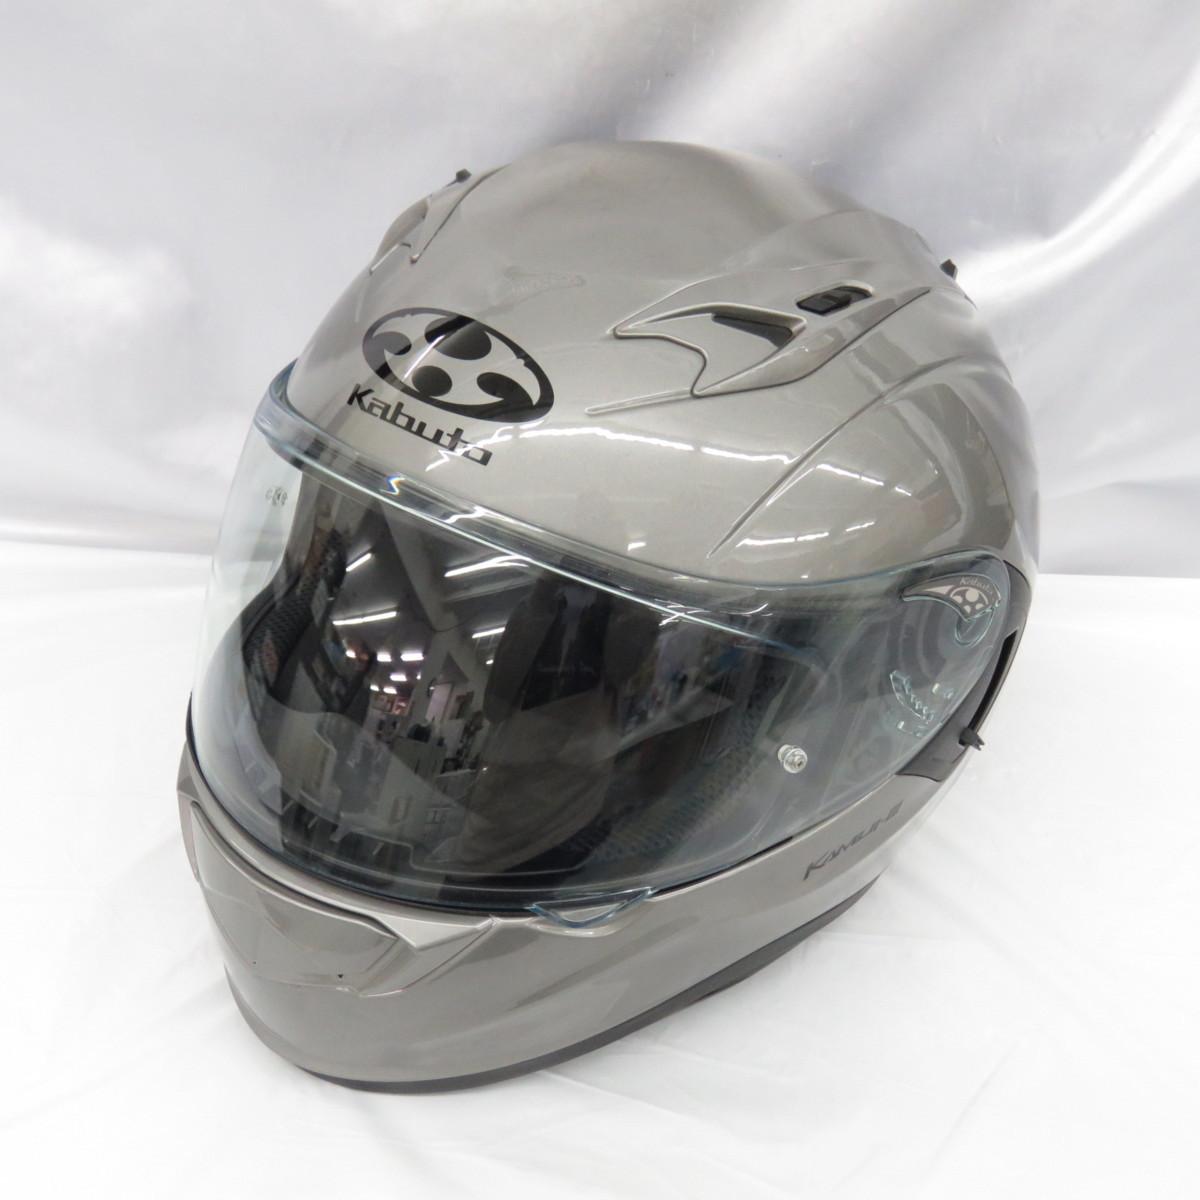 【美品】OGK kabuto OGKカブト フルフェイスヘルメット KAMUI-3 カムイ3 クールガンメタ サイズ:L(59-60㎝) 10758943